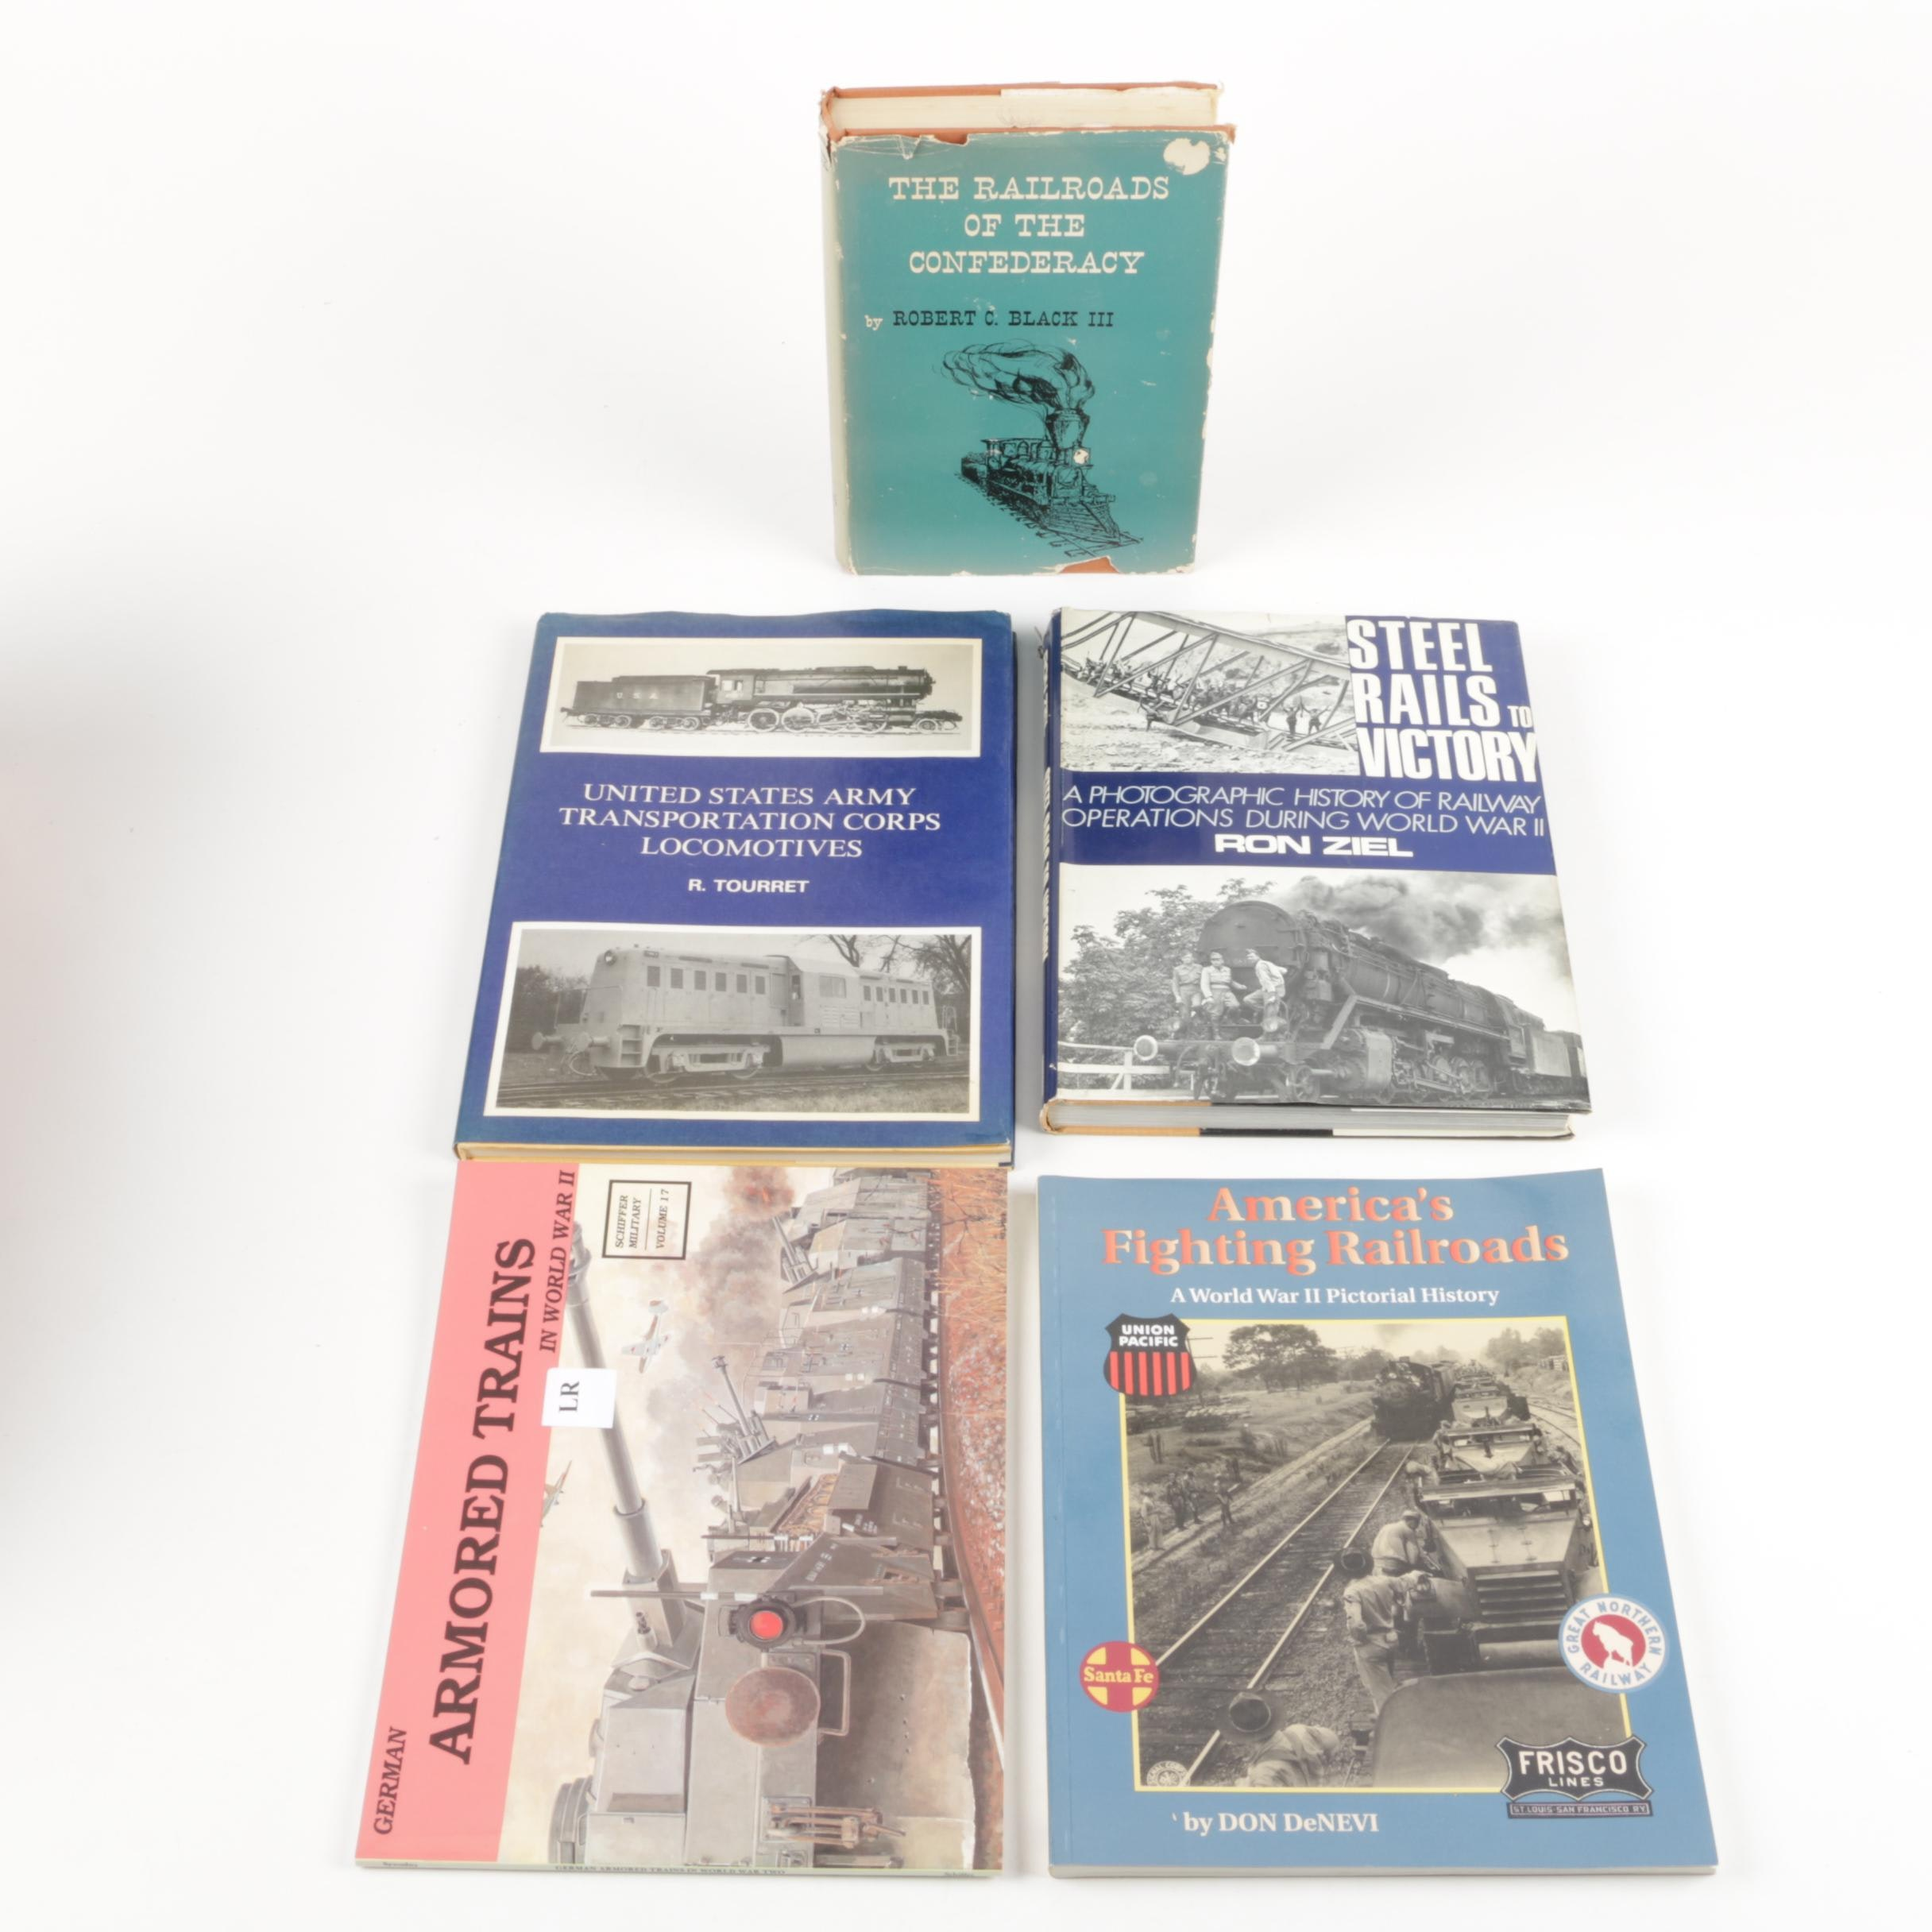 Assorted Vintage Books on Trains